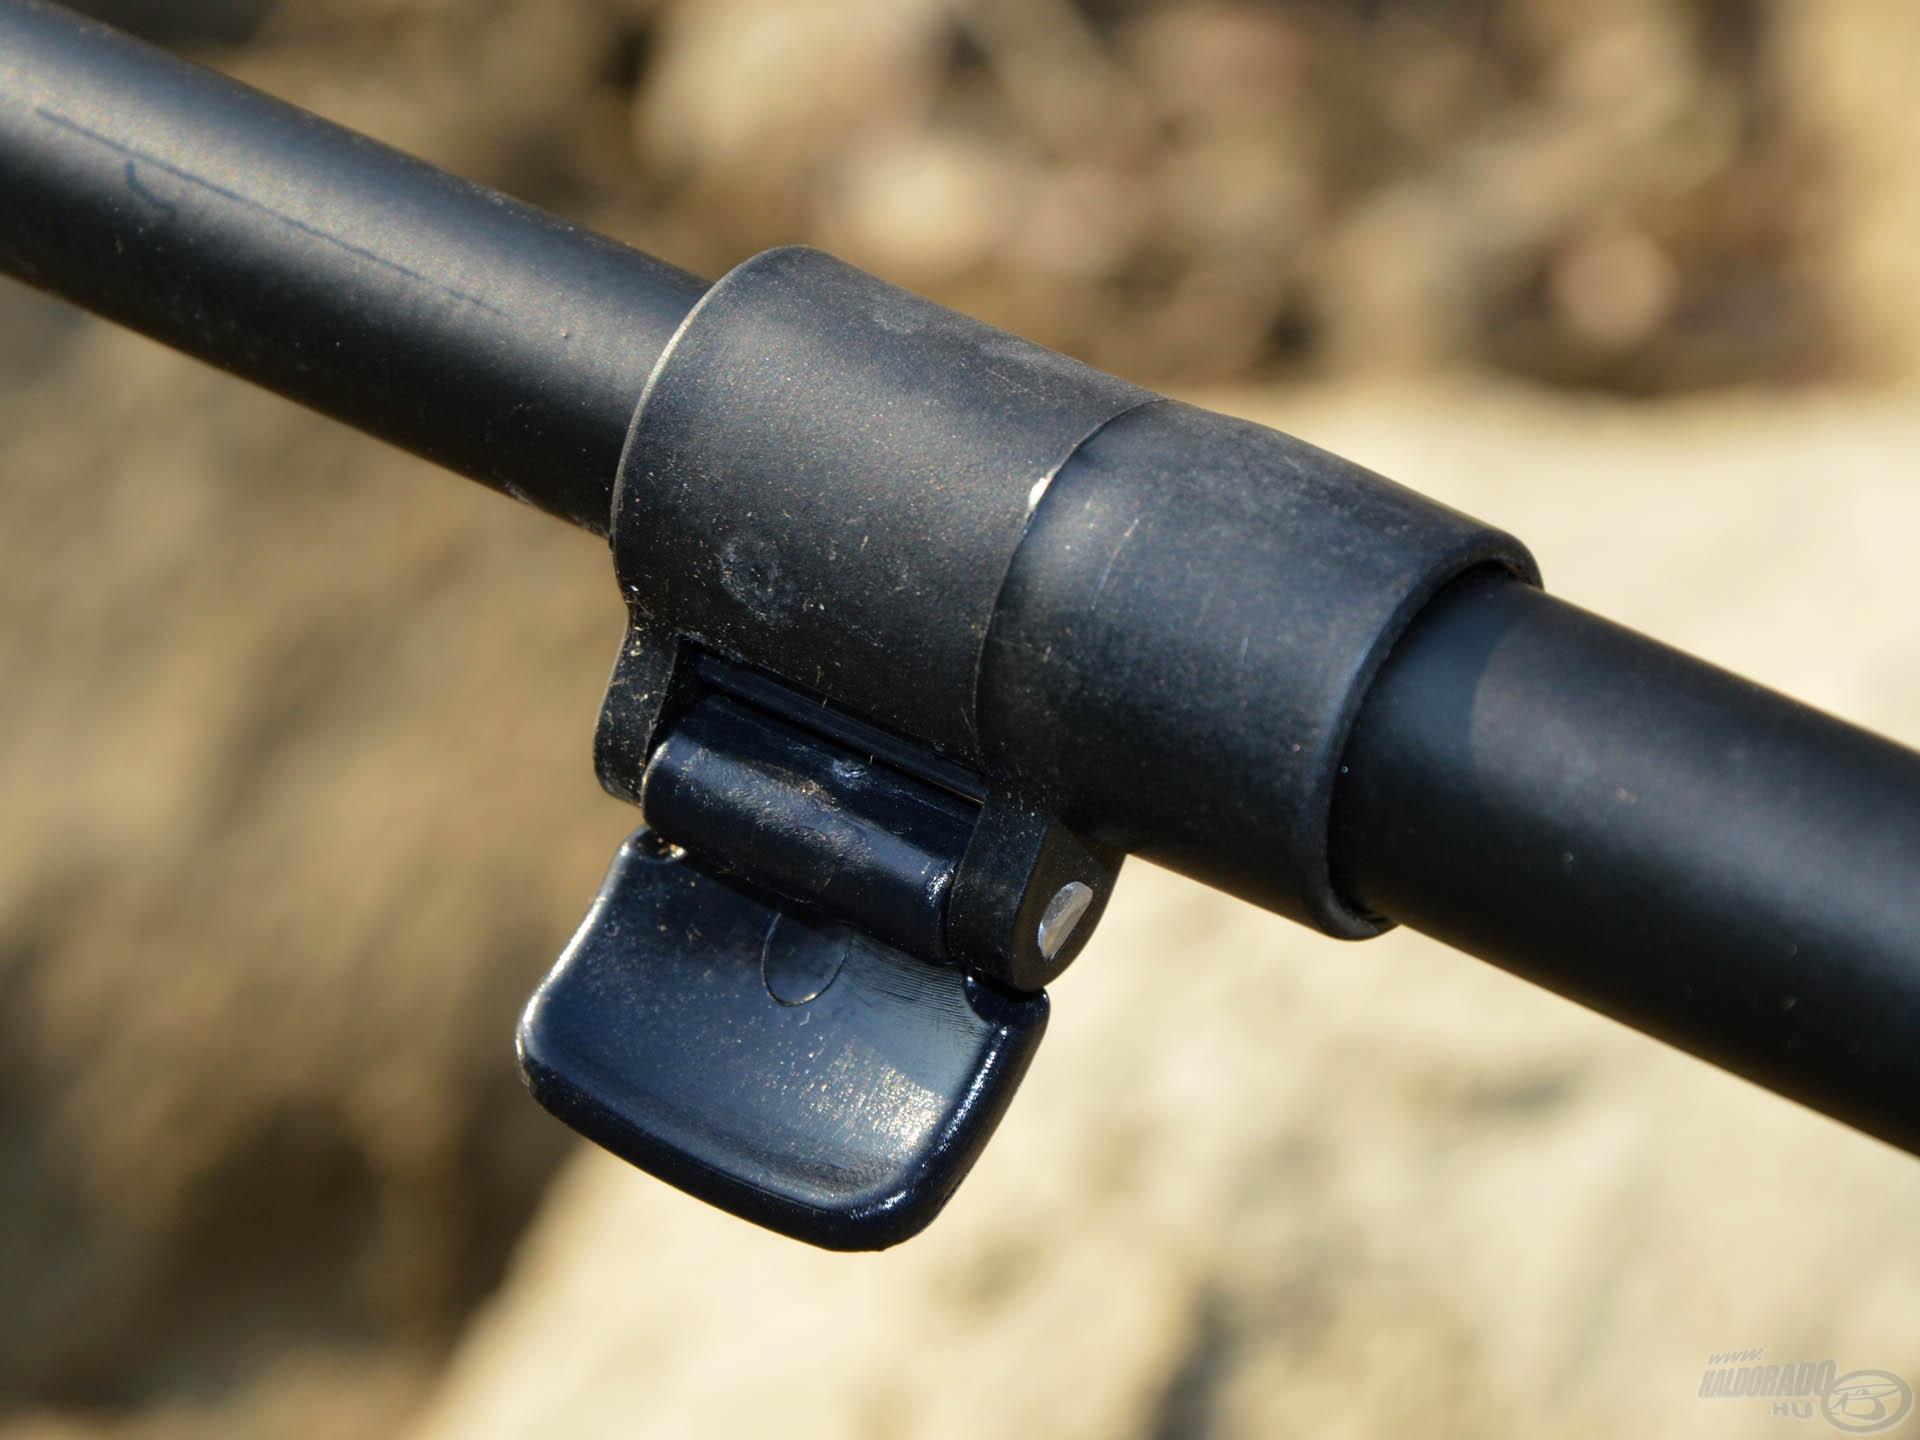 A feeder kar teleszkóposan nyitható, így akár a hosszabb botok is stabilan letehetőek rá